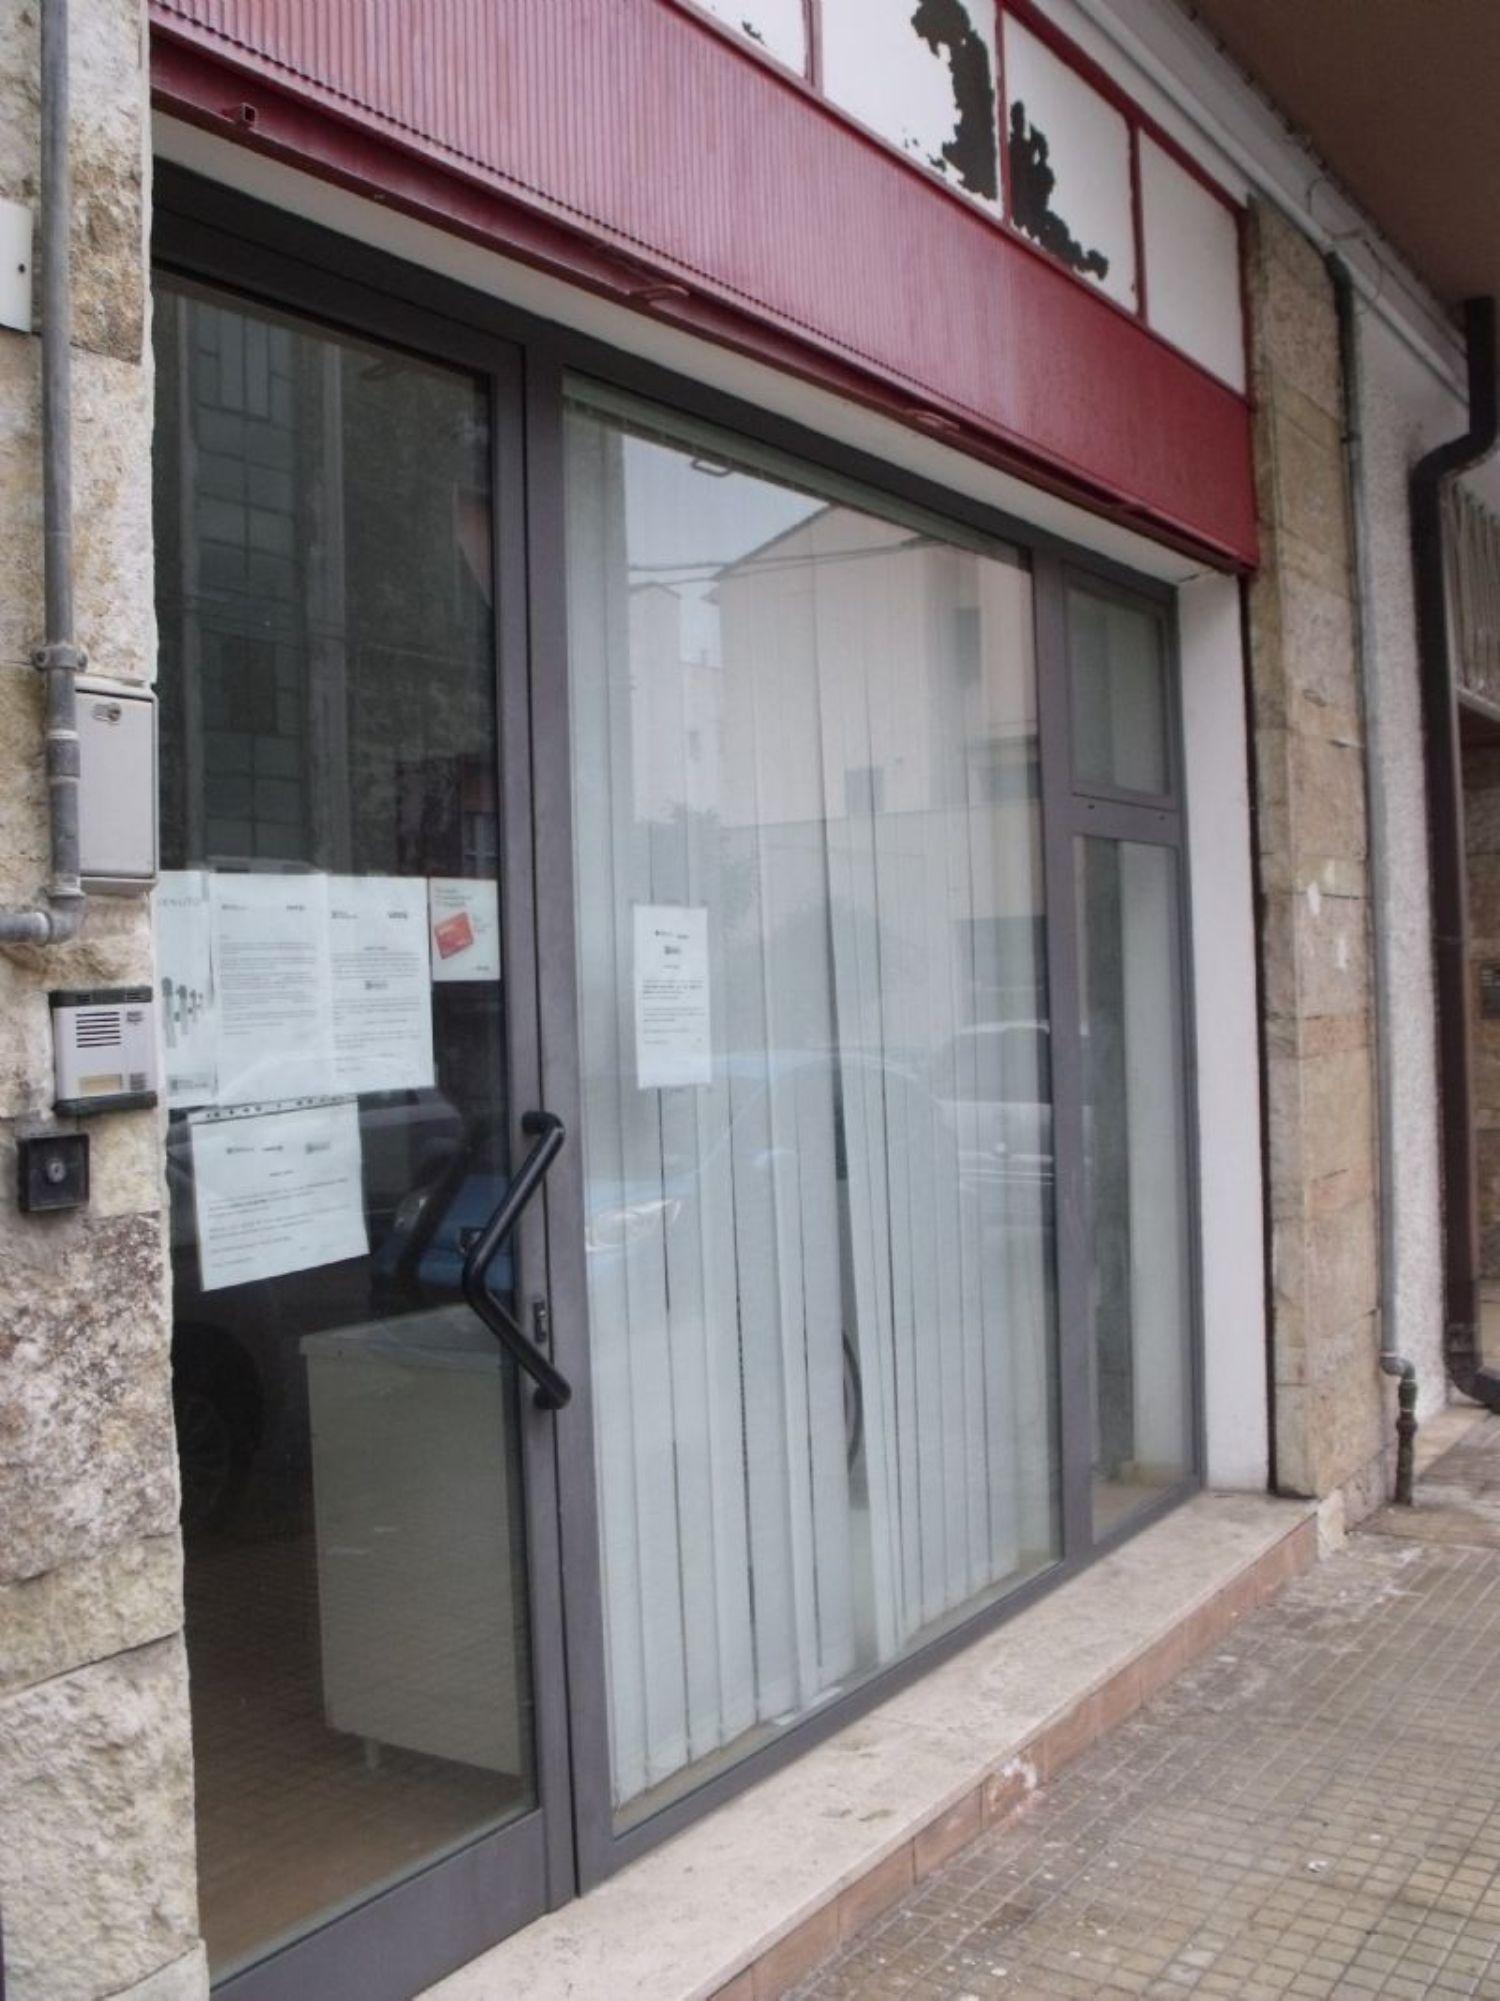 Immobile Commerciale in affitto a Ortona, 9999 locali, prezzo € 350   CambioCasa.it